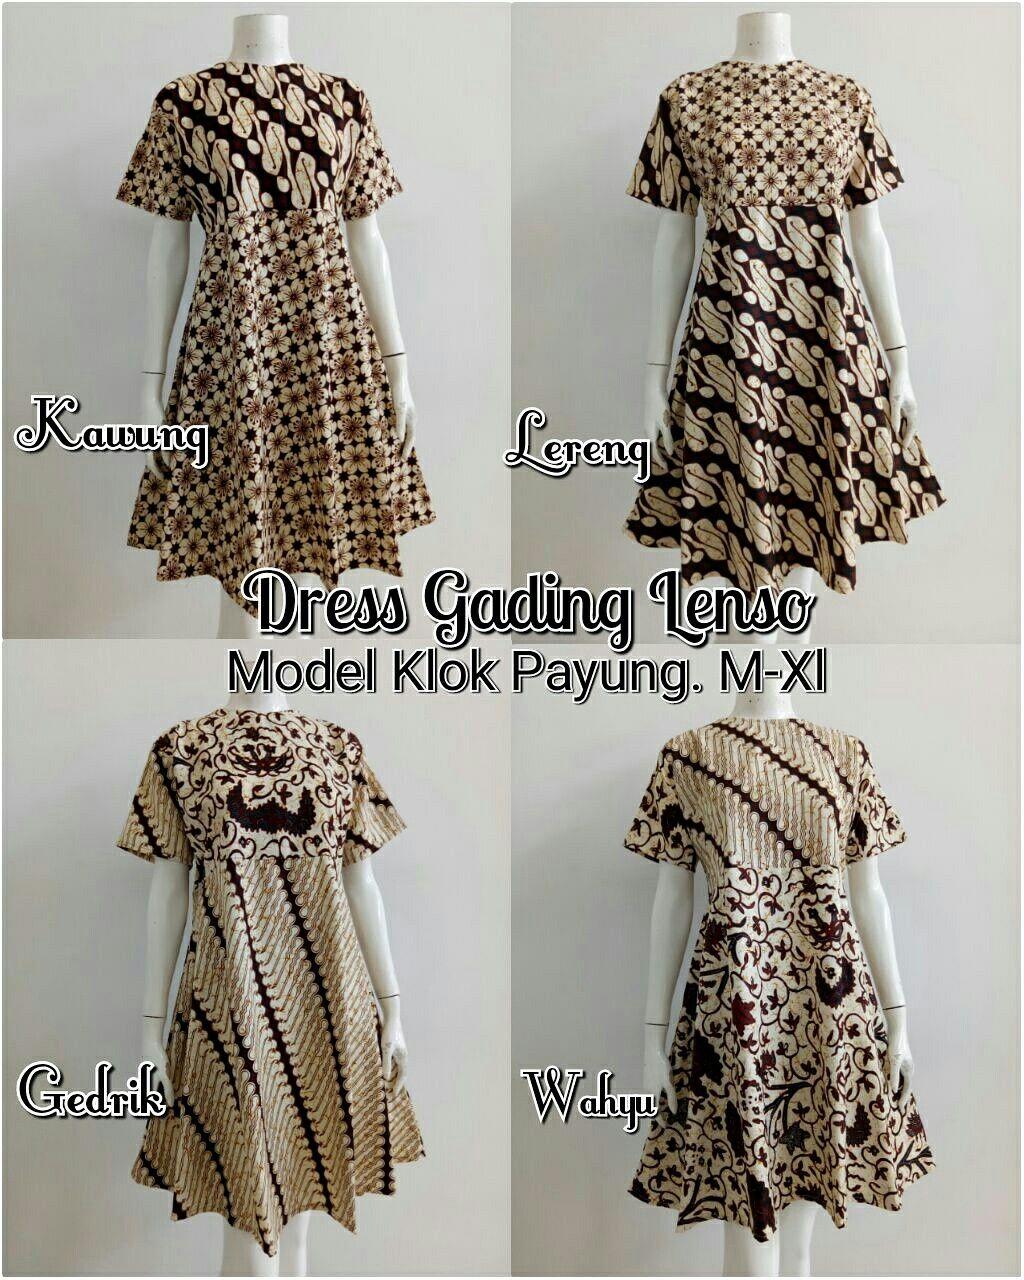 Dress Gading Lenso M Xl Model Klok Payung Rits Belakang Panjang Kemeja Batik Pria Prada Lengan Pendek 2 Layer Mlxl 95cm